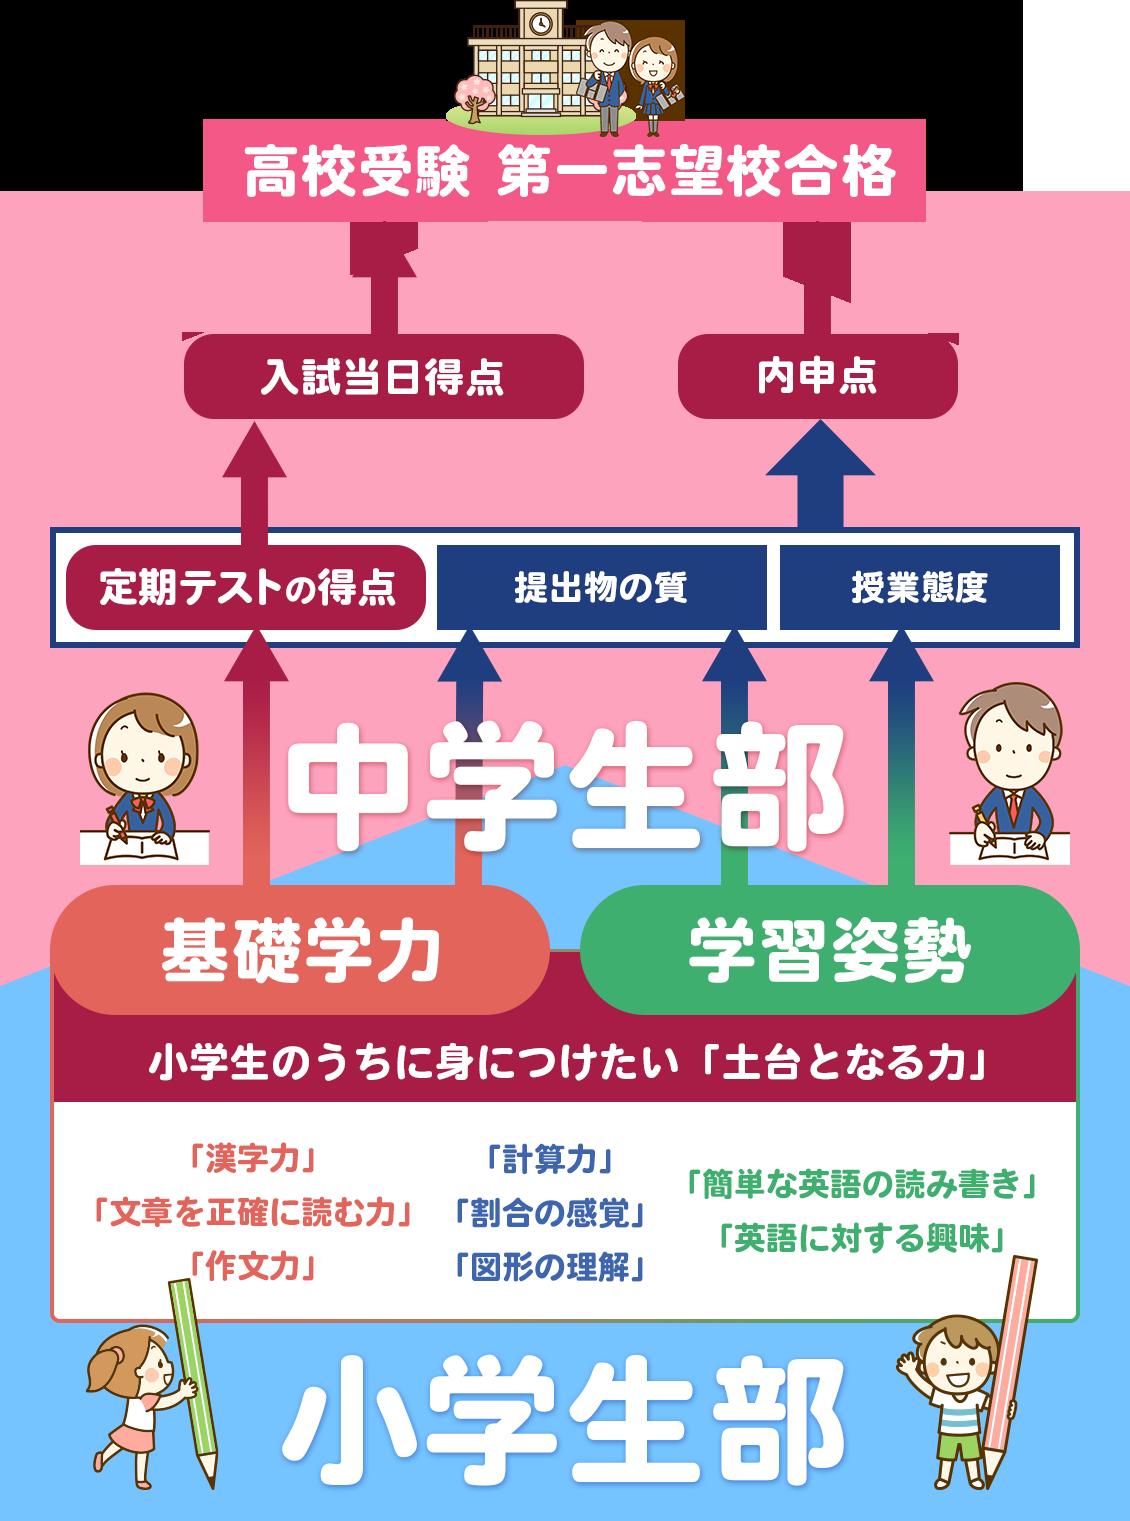 小学生のうちに身につけたい「土台となる力」「漢字力」「文章を正確に読む力」「作文力」「計算力」「割合の感覚」「図形の理解」「簡単な英語の読み書き」「英語に対する興味」